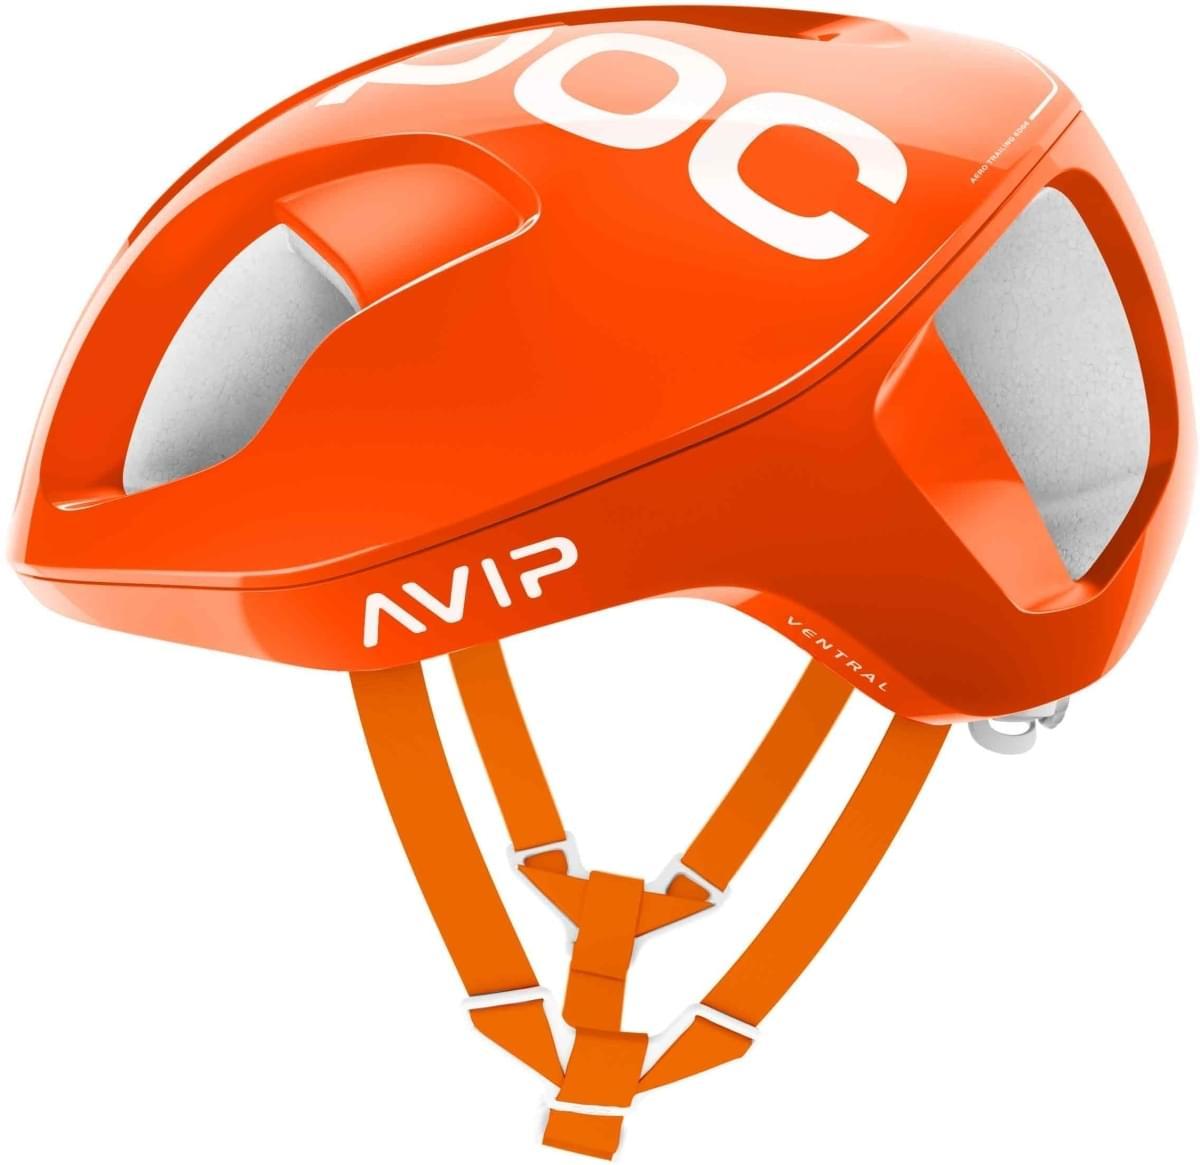 POC Ventral SPIN - zink orange avip S